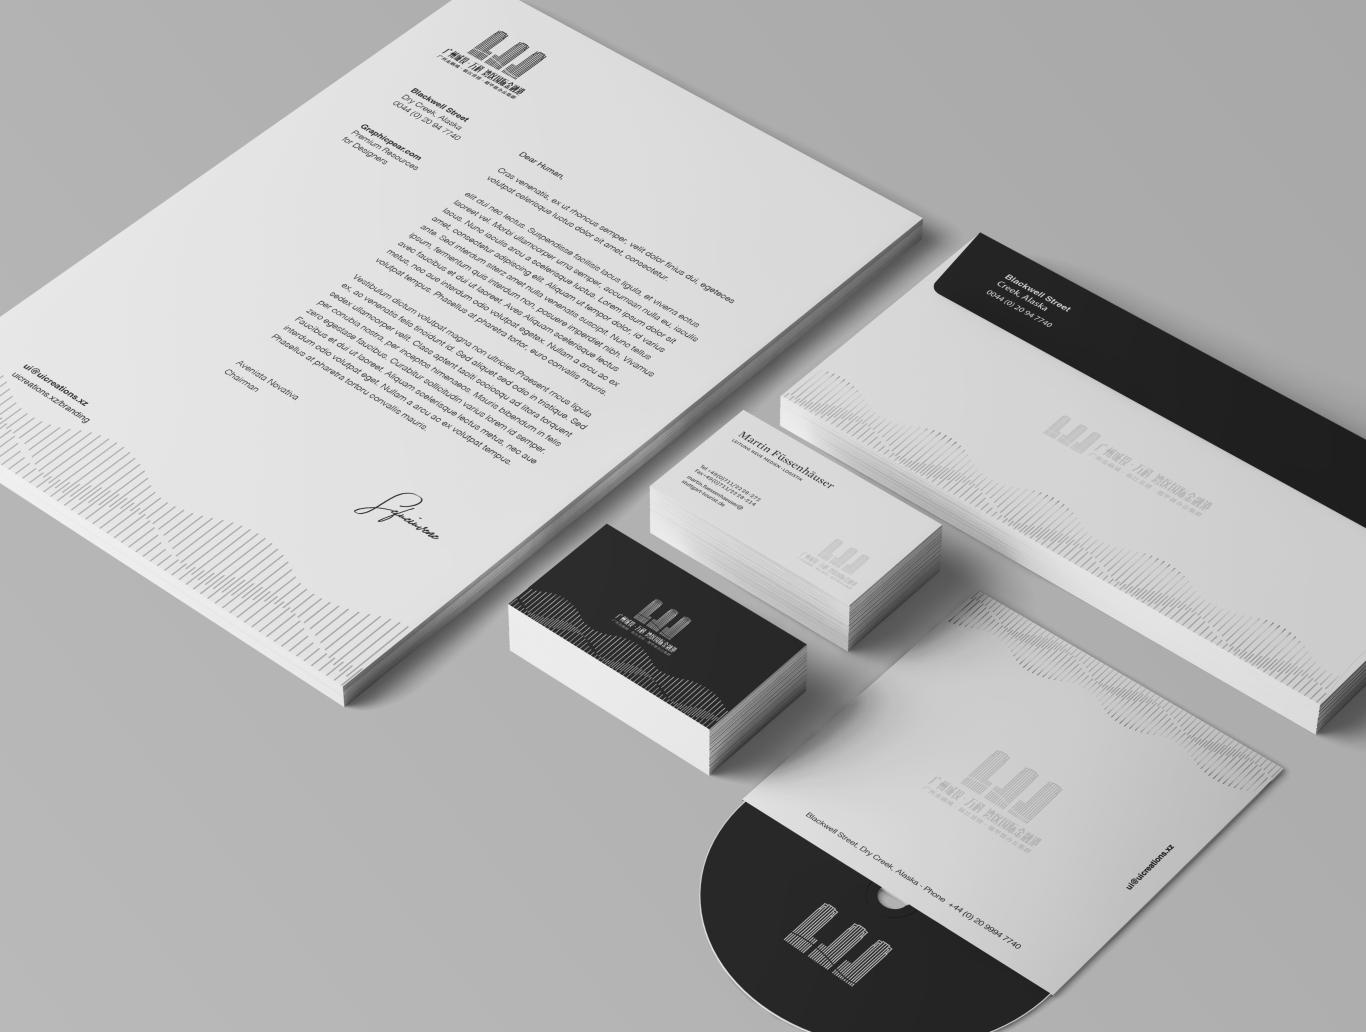 广州城投·万科 湾区国际经融港/品牌包装 VI视觉识别系统设计 地产logo设计图13